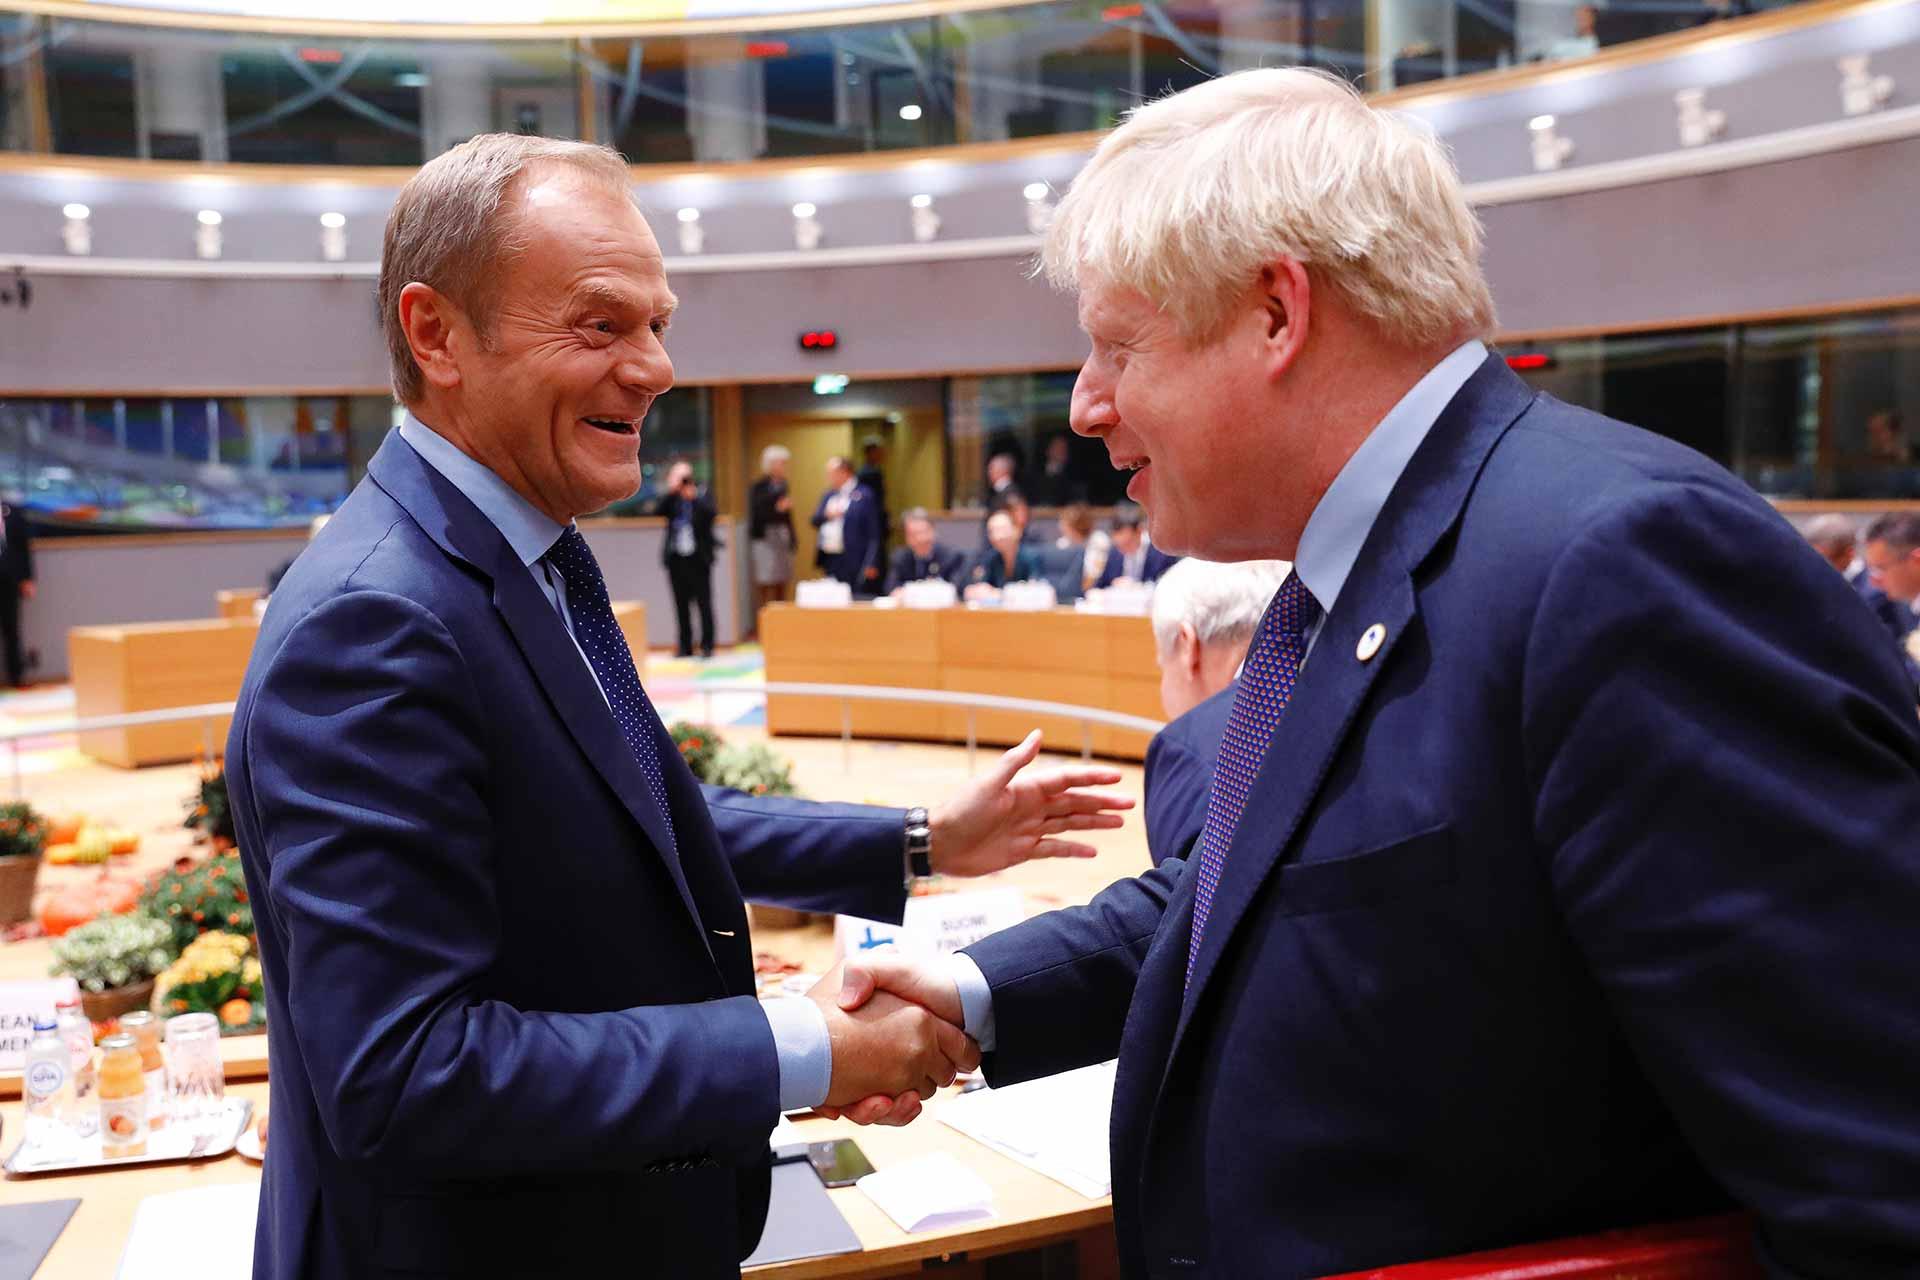 Boris Johnsin UK Prime Minister President Tusk